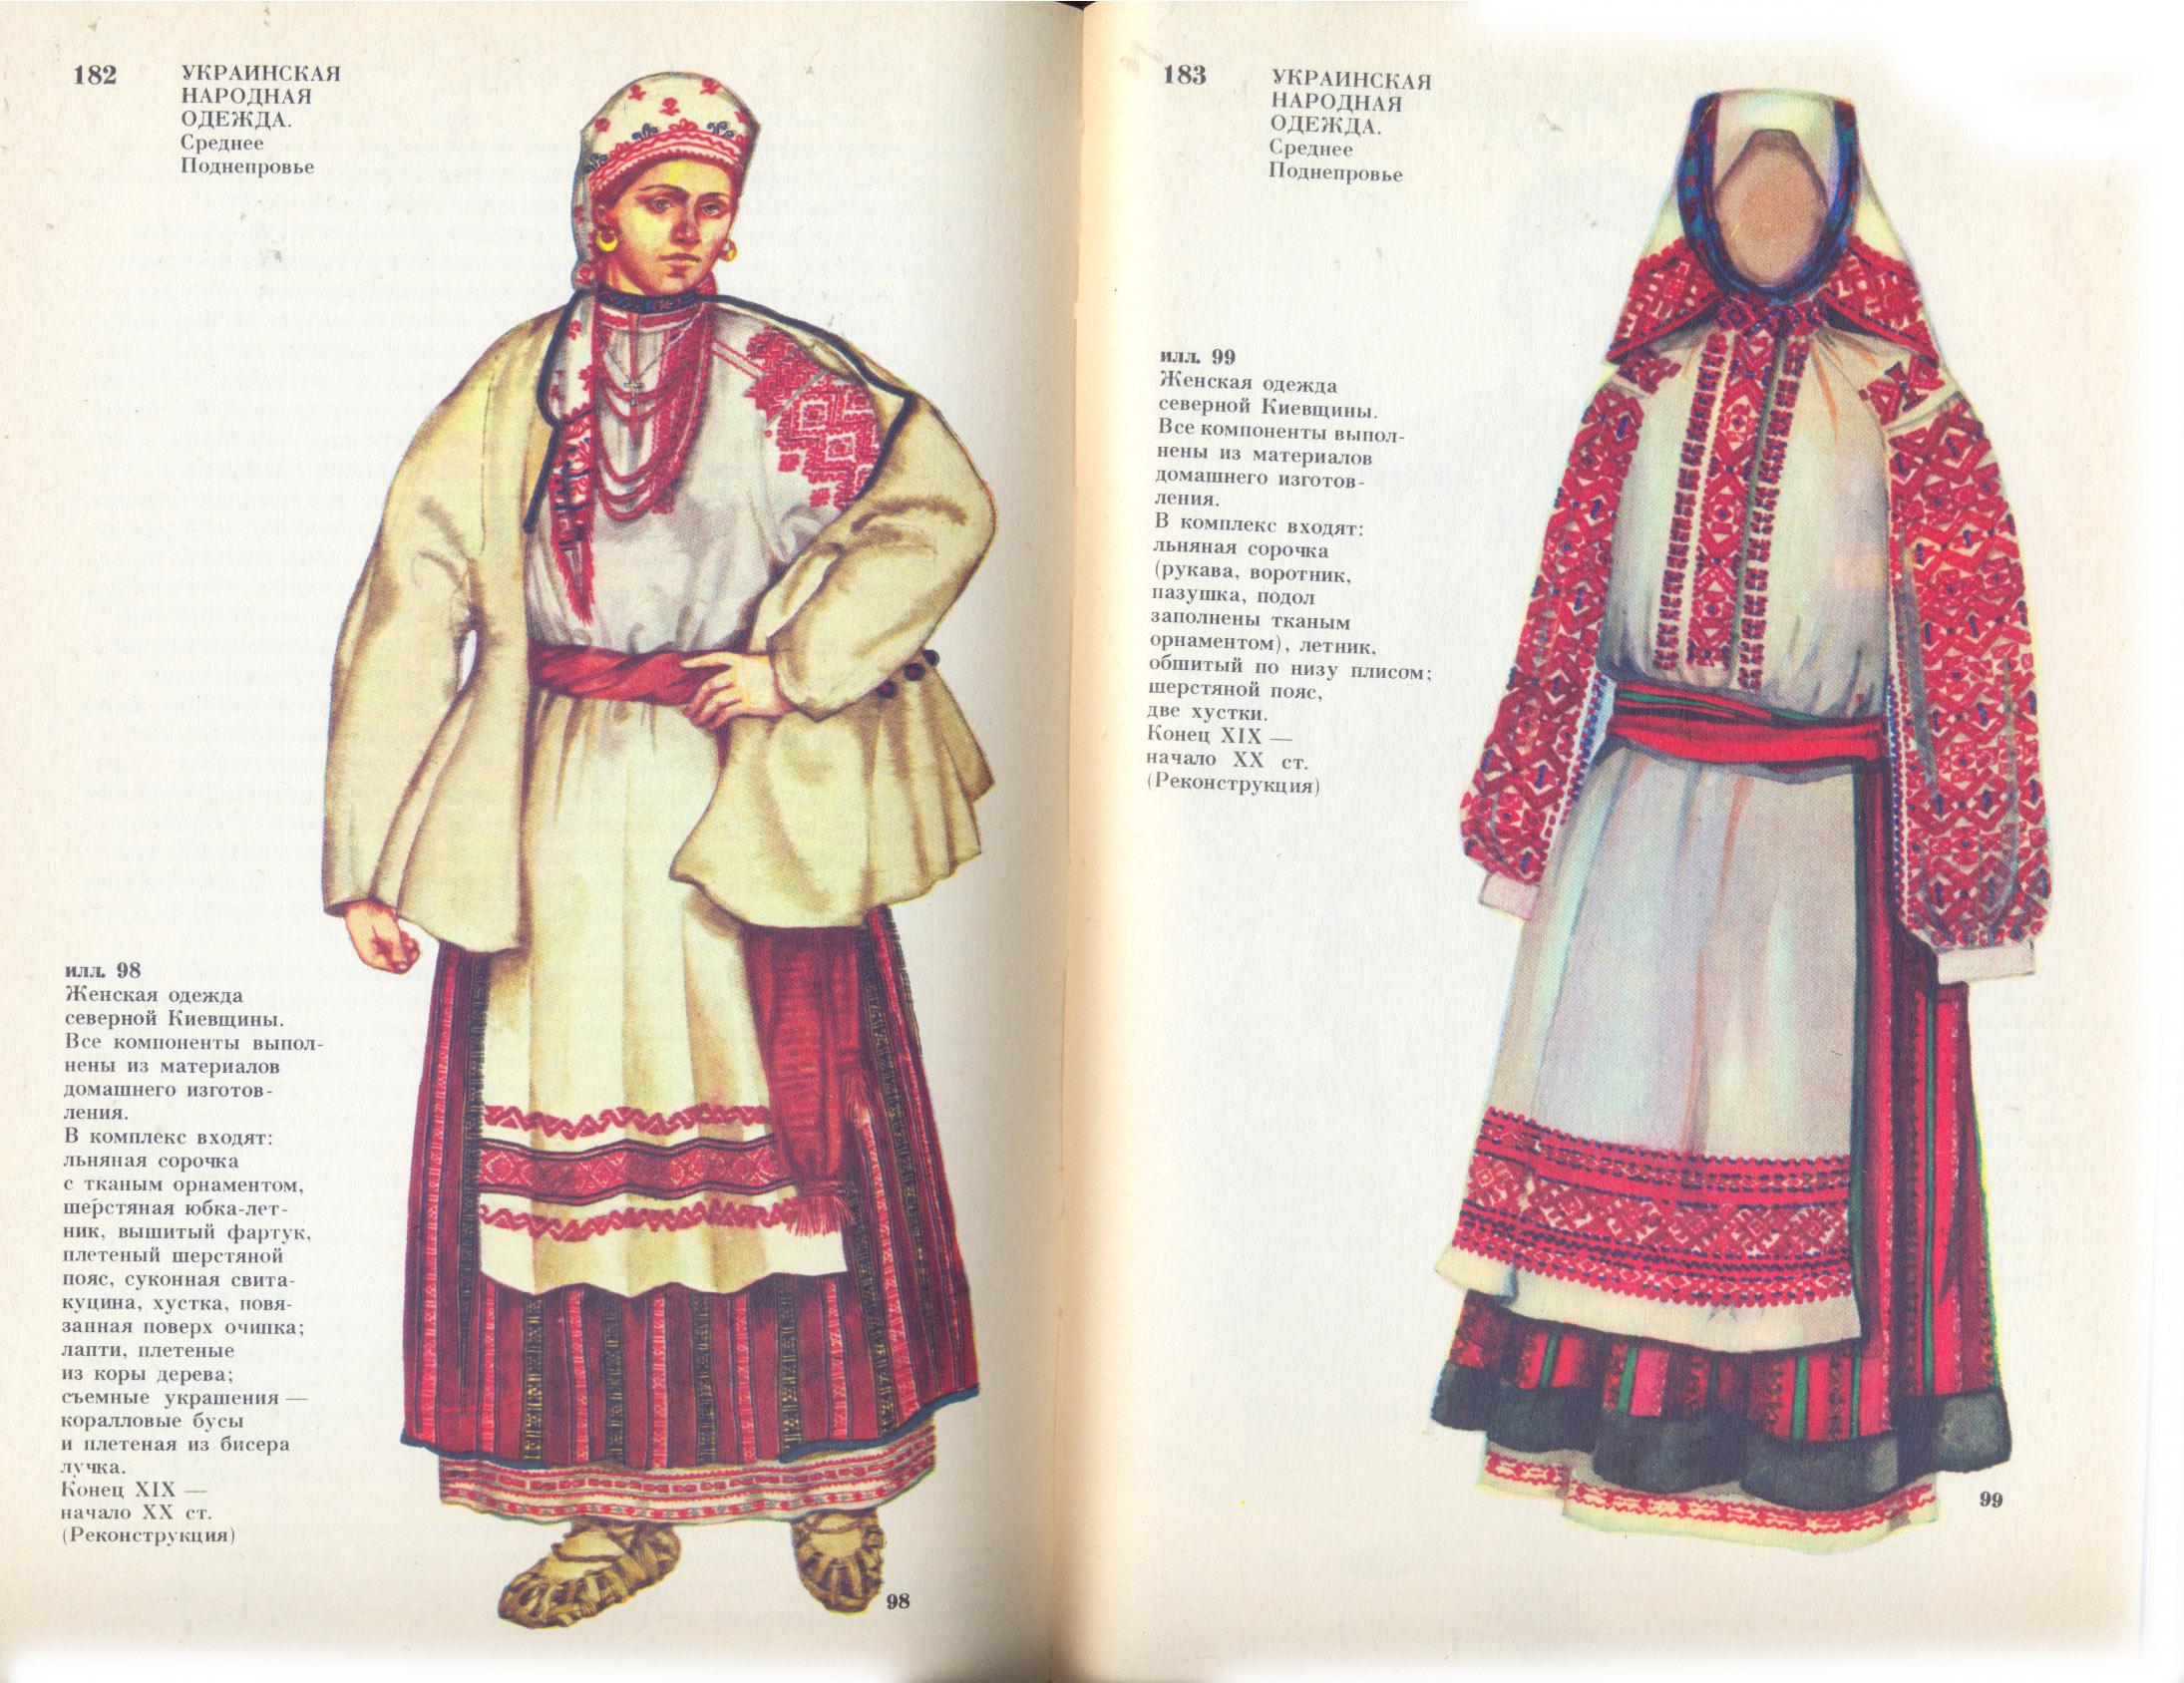 украина 182-183.jpg